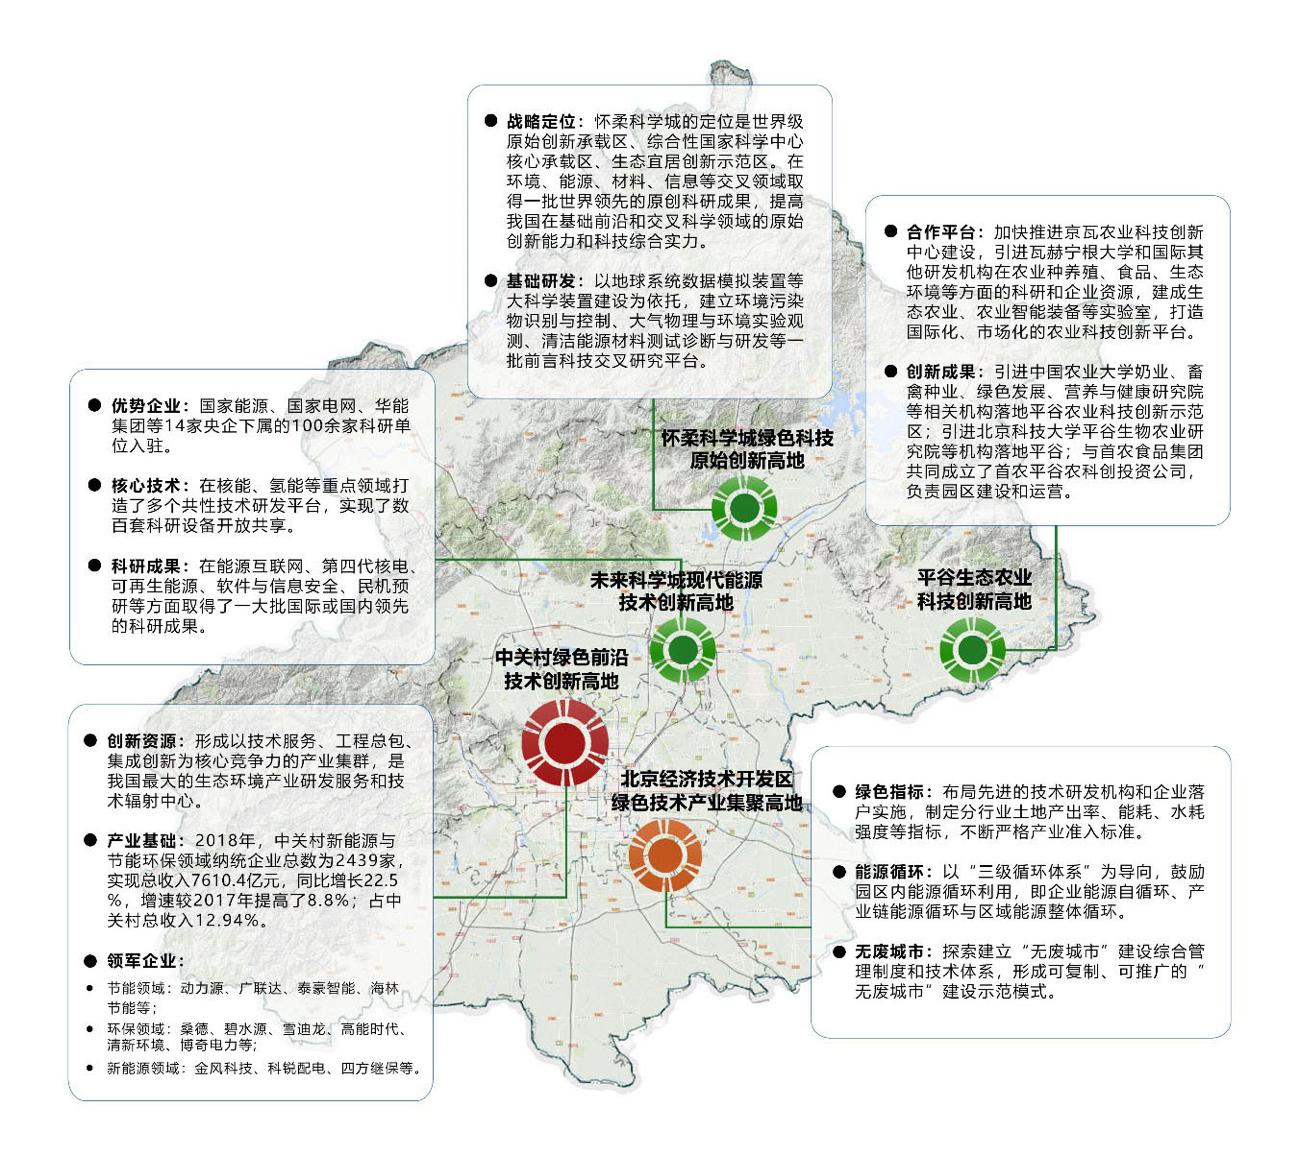 北京后年将建绿色技术创新中心,涉及冬奥会等示范区图片